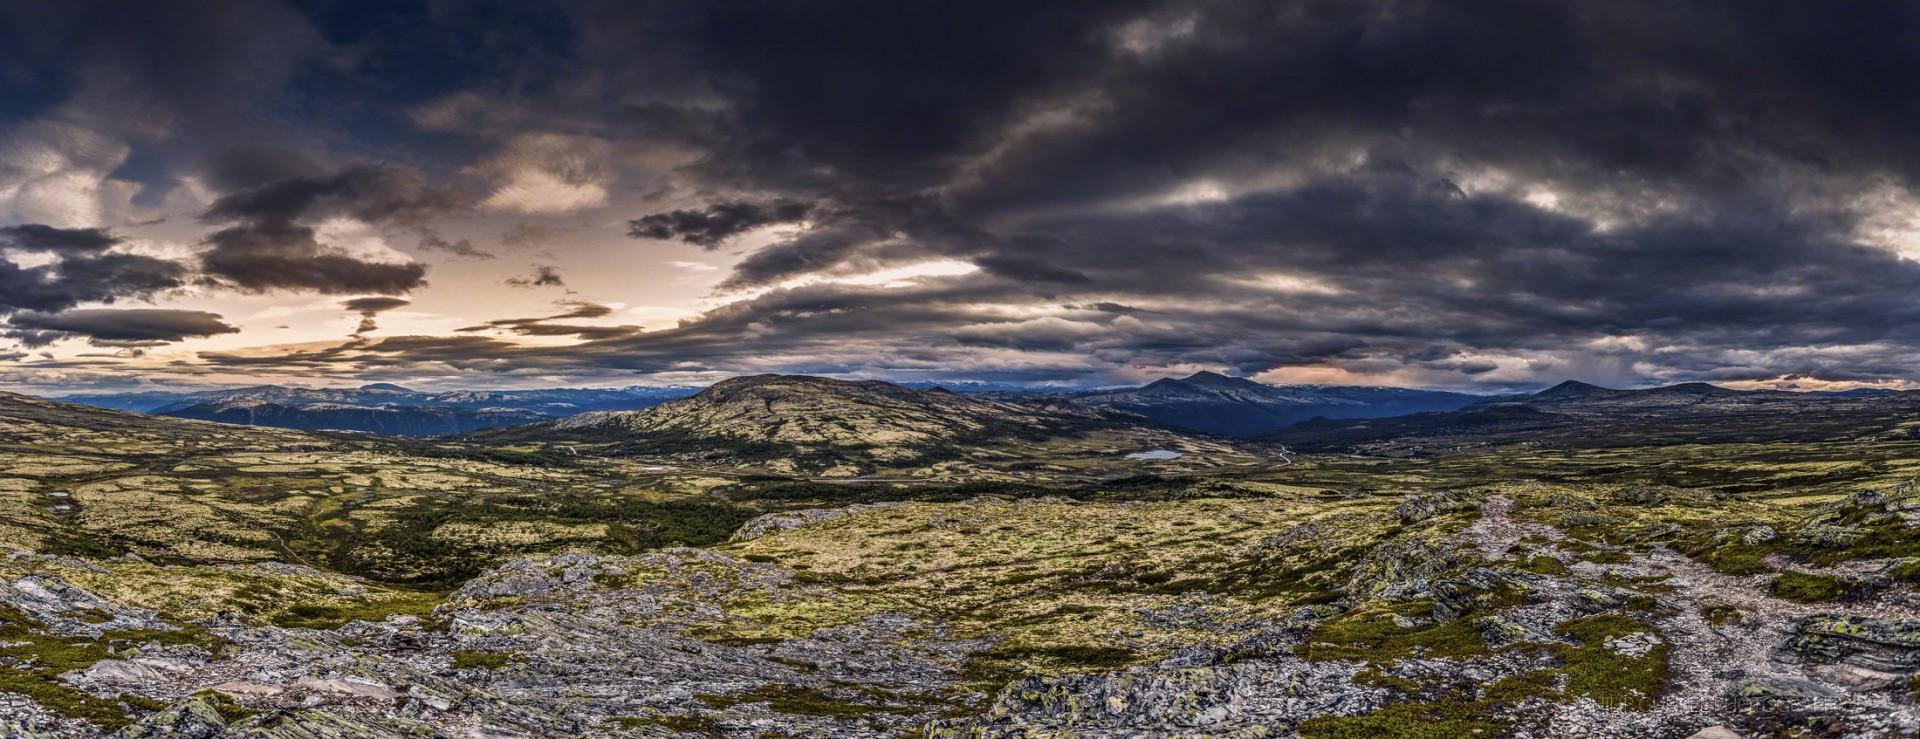 panorama_philip_gunkel_photographie_www.philipgunkel.de-14